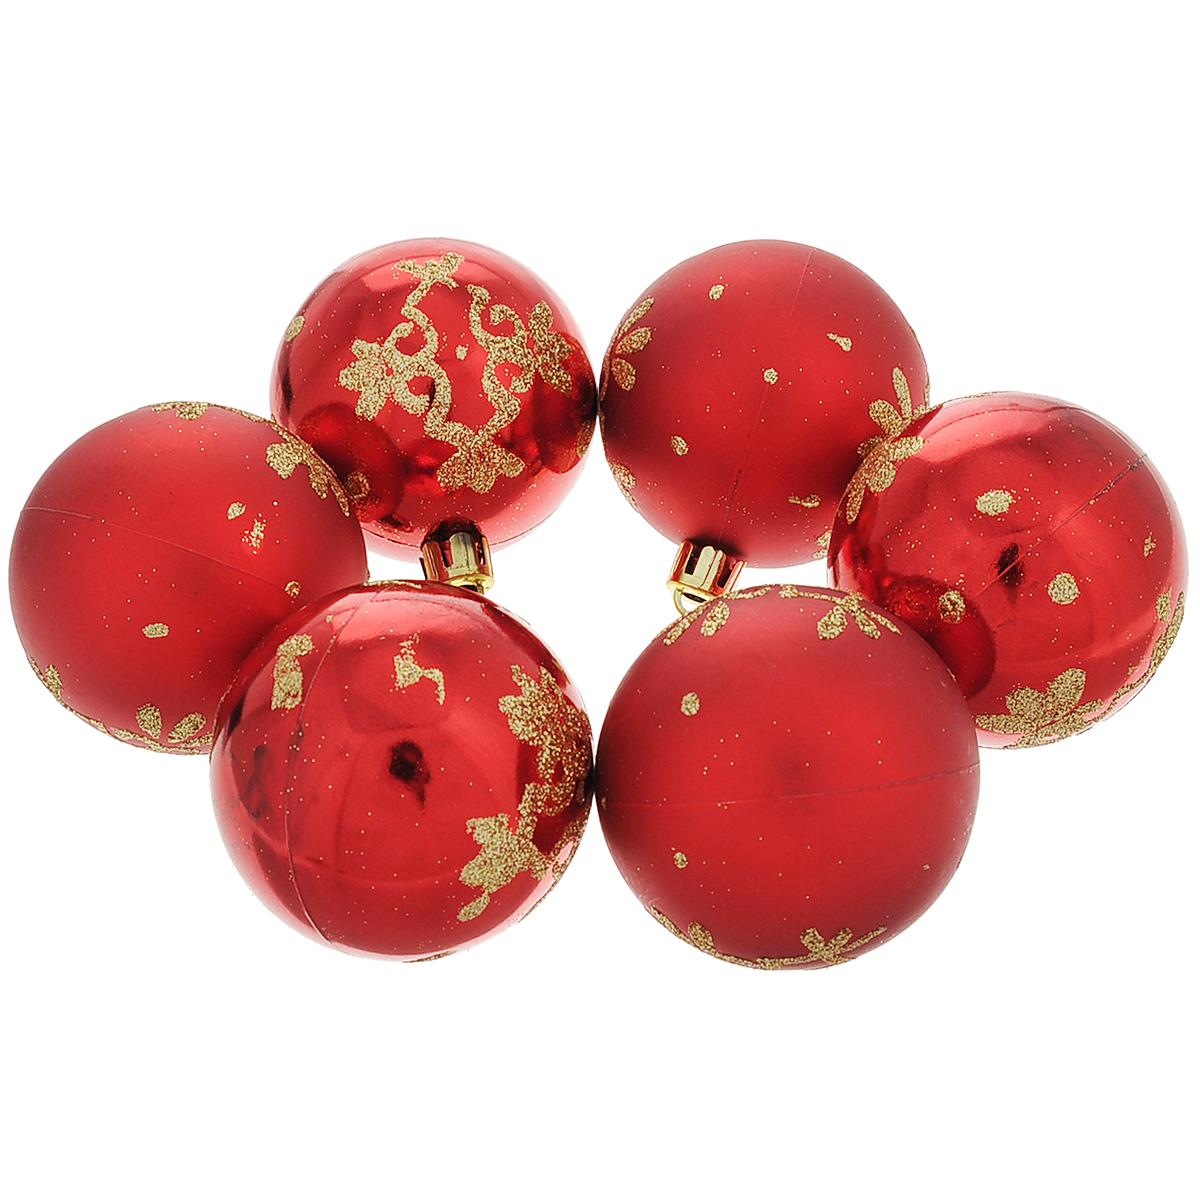 Набор новогодних подвесных украшений Шар, цвет: золотистый, красный, диаметр 6 см, 6 шт. 3549635496Набор новогодних подвесных украшений Шар прекрасно подойдет для праздничного декора новогодней ели. Состоит из шести шаров. Елочная игрушка - символ Нового года. Она несет в себе волшебство и красоту праздника. Создайте в своем доме атмосферу веселья и радости, украшая новогоднюю елку нарядными игрушками, которые будут из года в год накапливать теплоту воспоминаний. Коллекция декоративных украшений принесет в ваш дом ни с чем несравнимое ощущение волшебства! Откройте для себя удивительный мир сказок и грез. Почувствуйте волшебные минуты ожидания праздника, создайте новогоднее настроение вашим дорогим и близким.